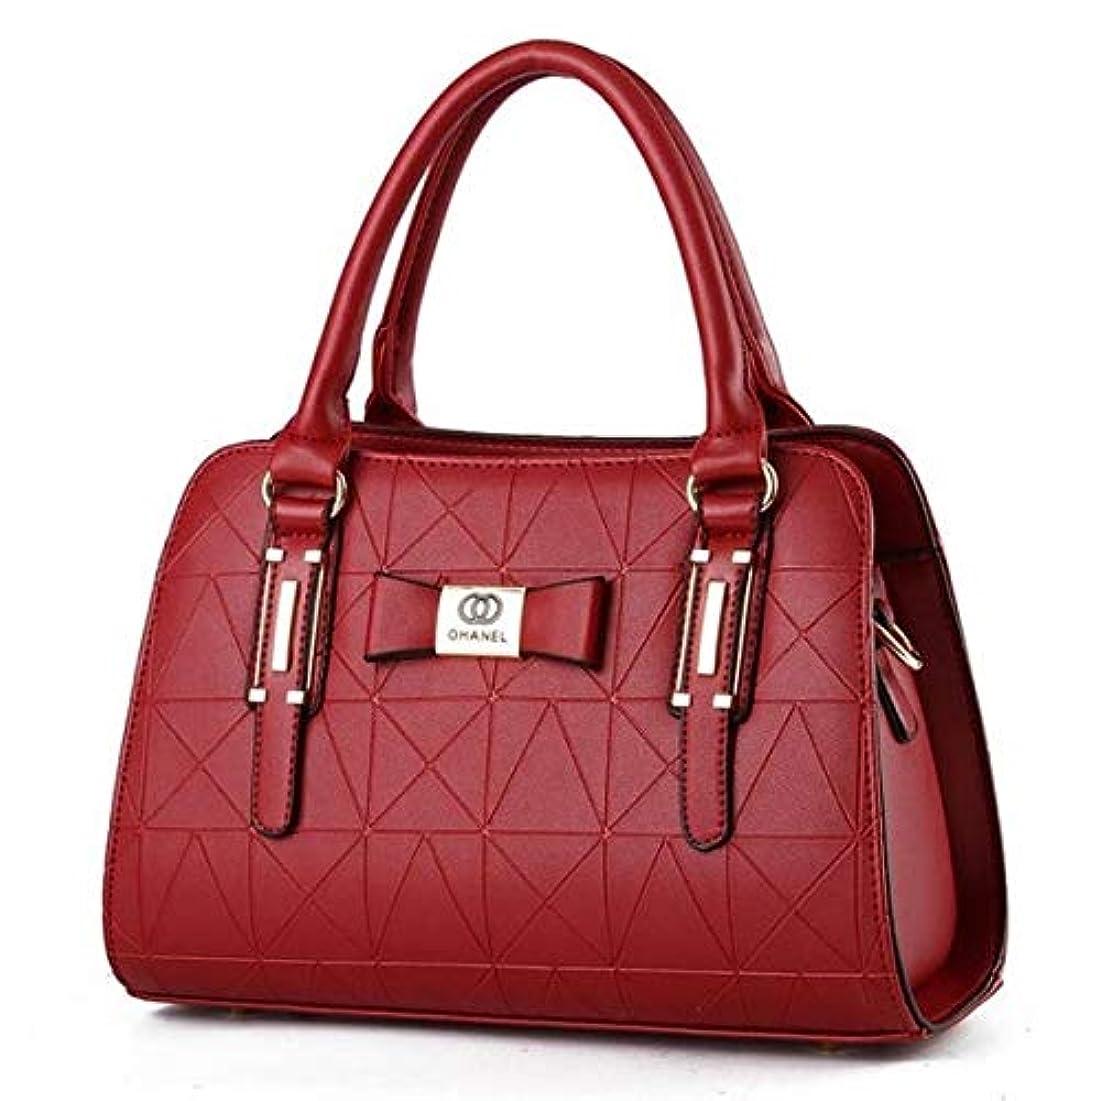 学期ワイヤー悪性のFGJLLOGJGSO 新到着ファッションの高級女性のハンドバッグ Pu レザーショルダーバッグ女性大容量のクロスボディハンドバッグメイン財布 レディース 二つ折り